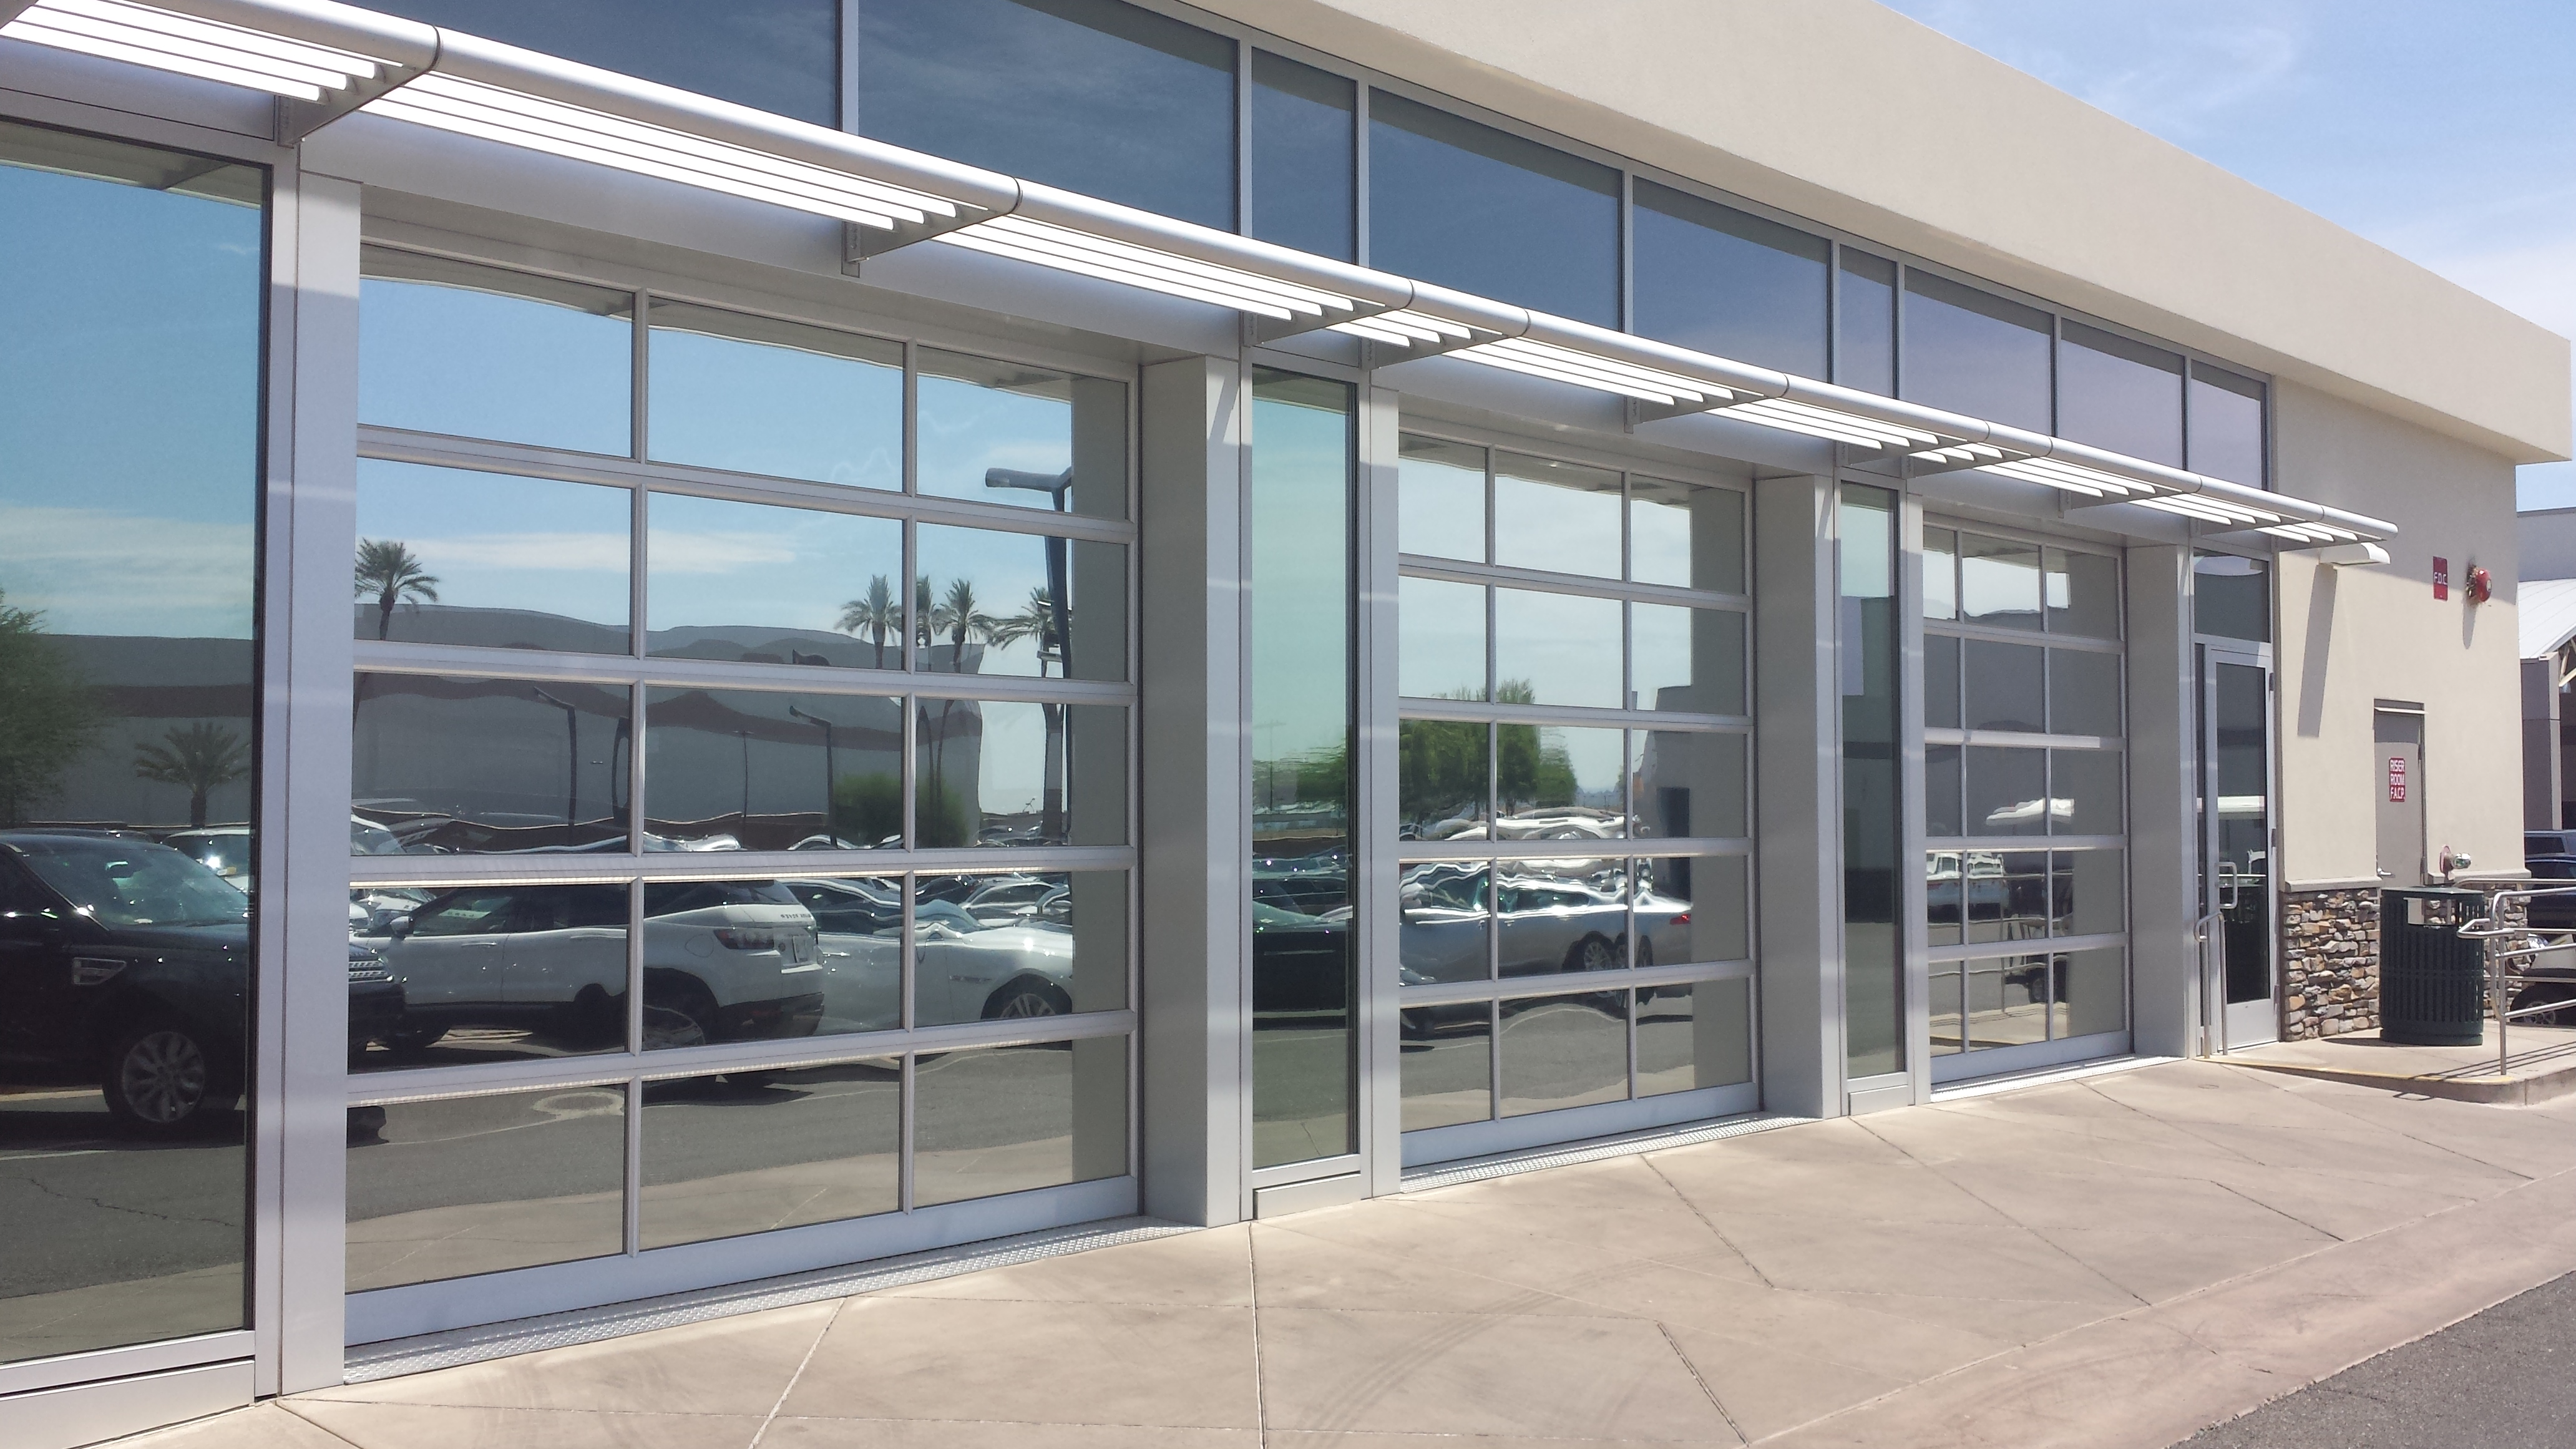 On track garage door service inc commercial overhead for A 1 garage door service